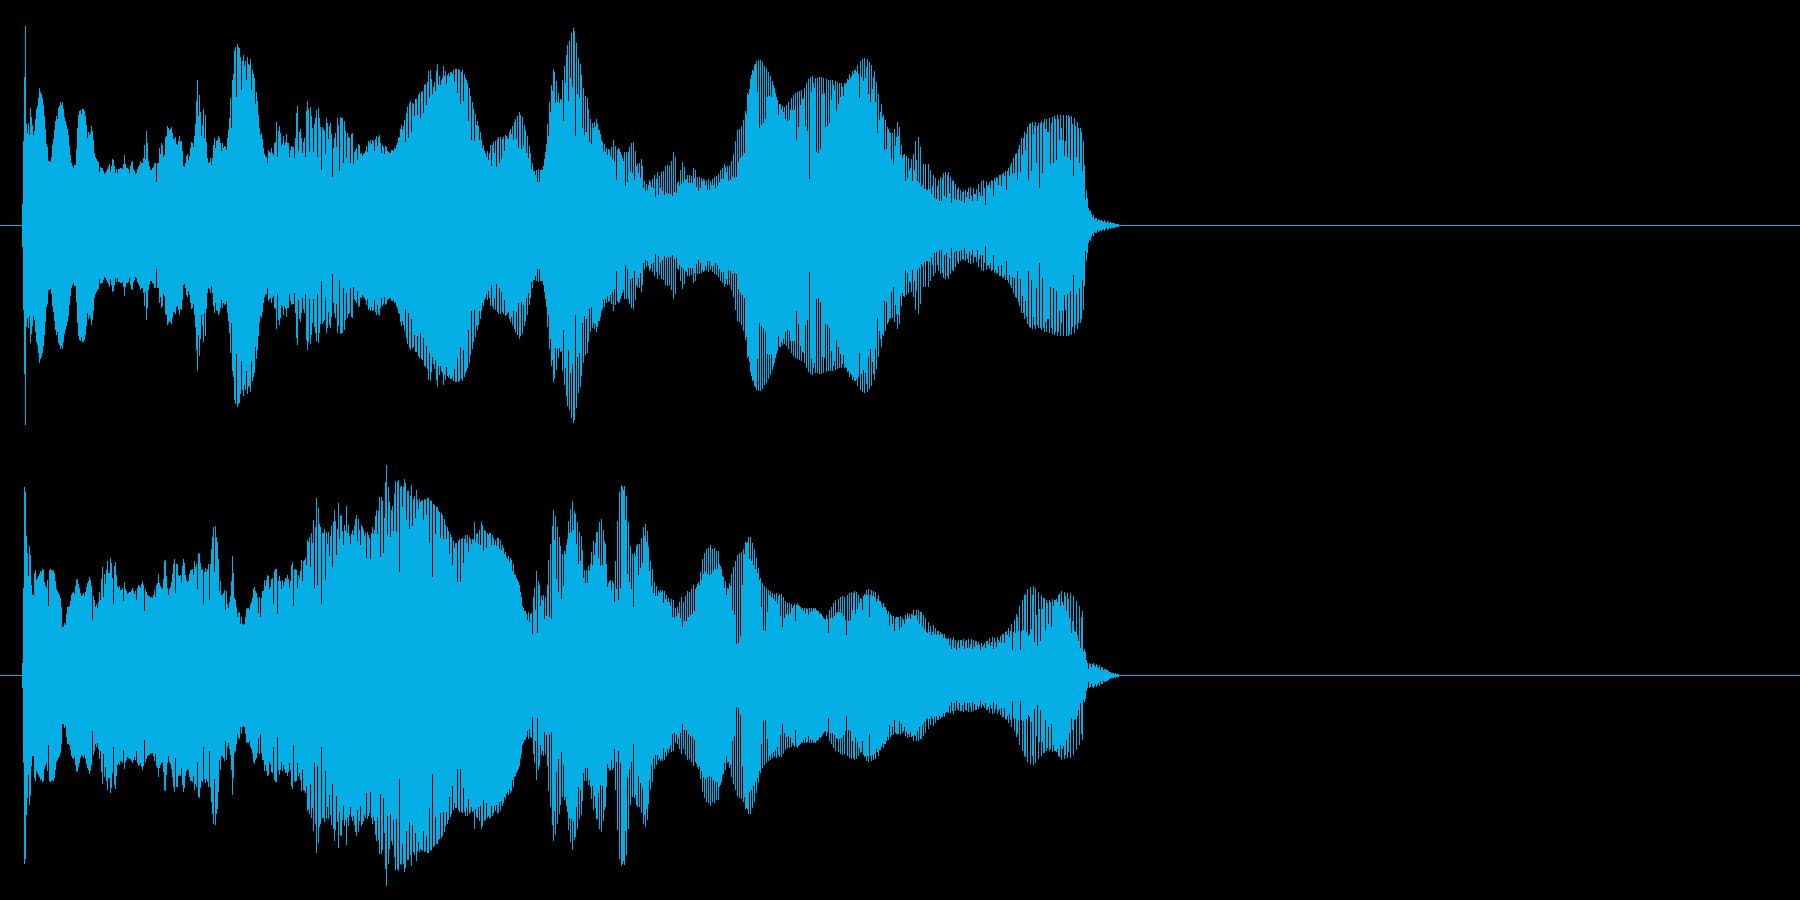 ディーーン(近未来的な上昇音)の再生済みの波形